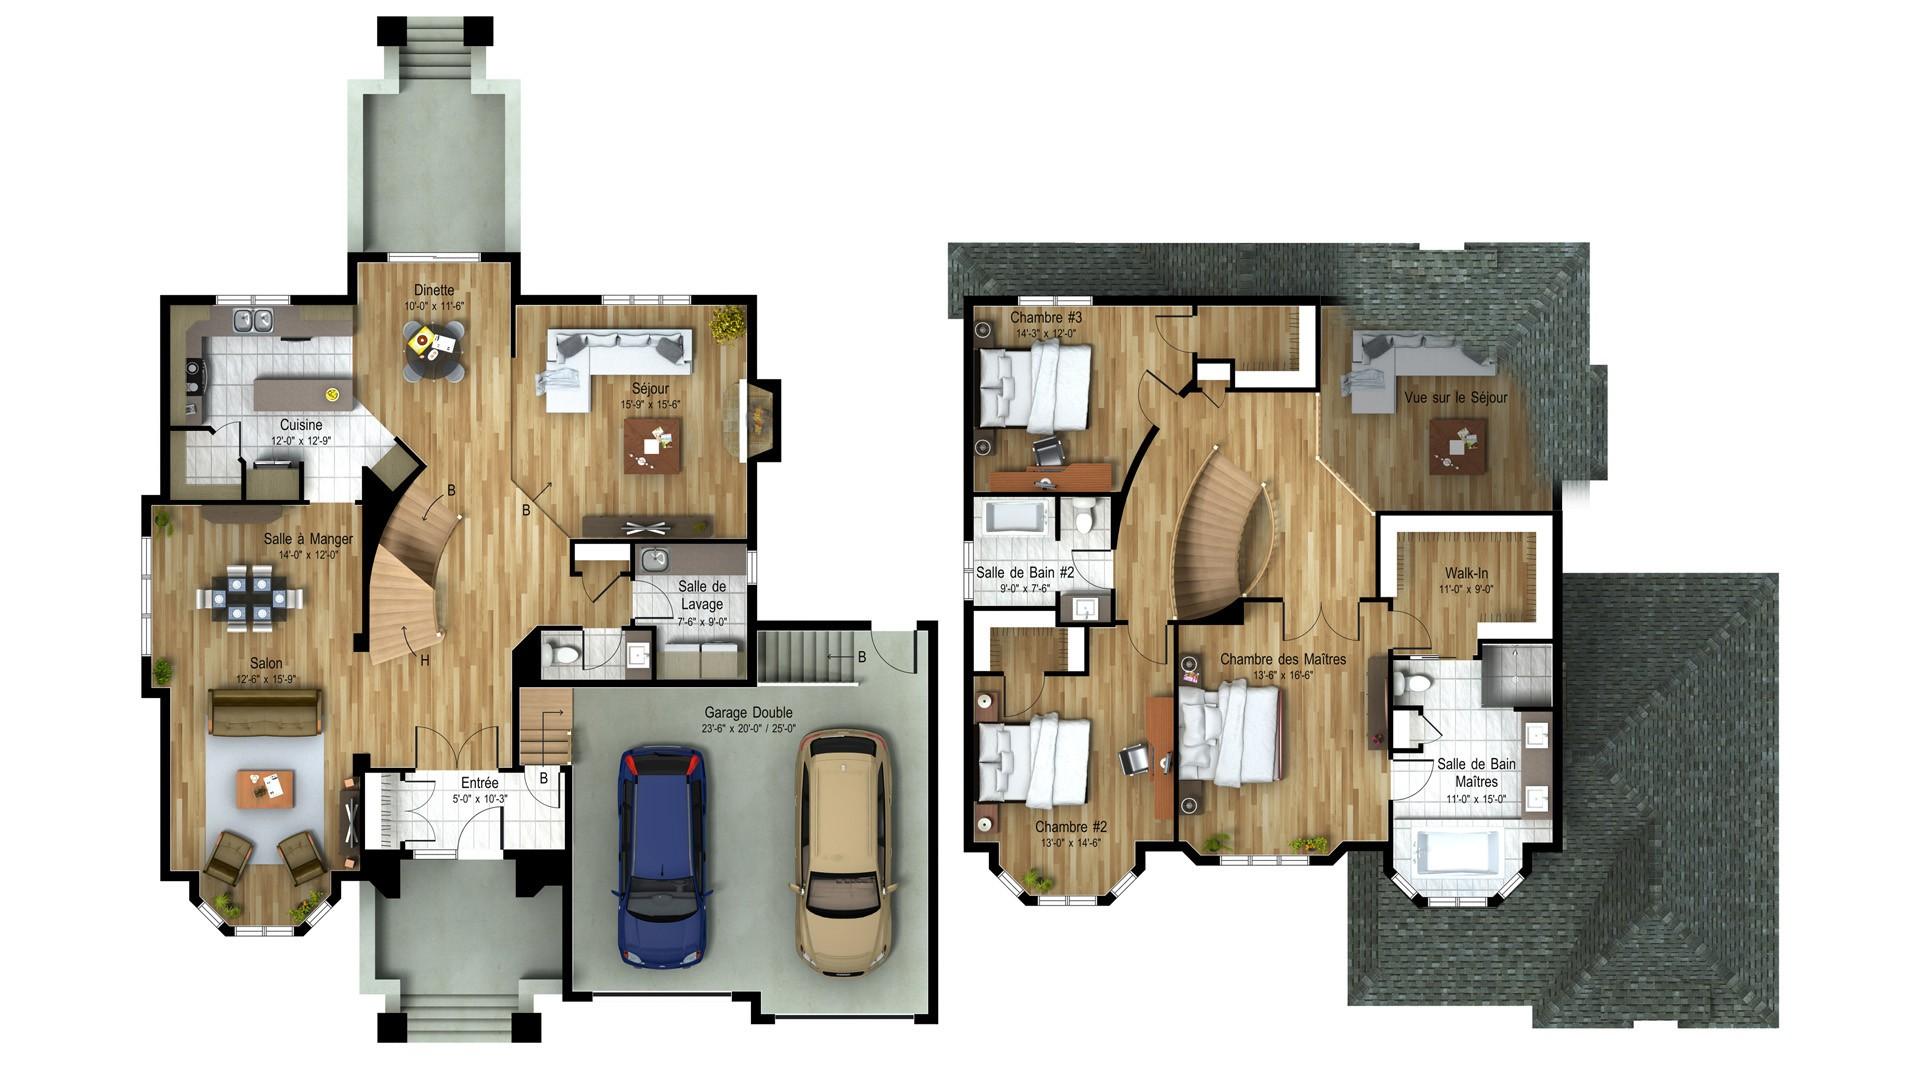 Cottage_Chateaux_Chateaufort_Plan maison de prestige_Domicil